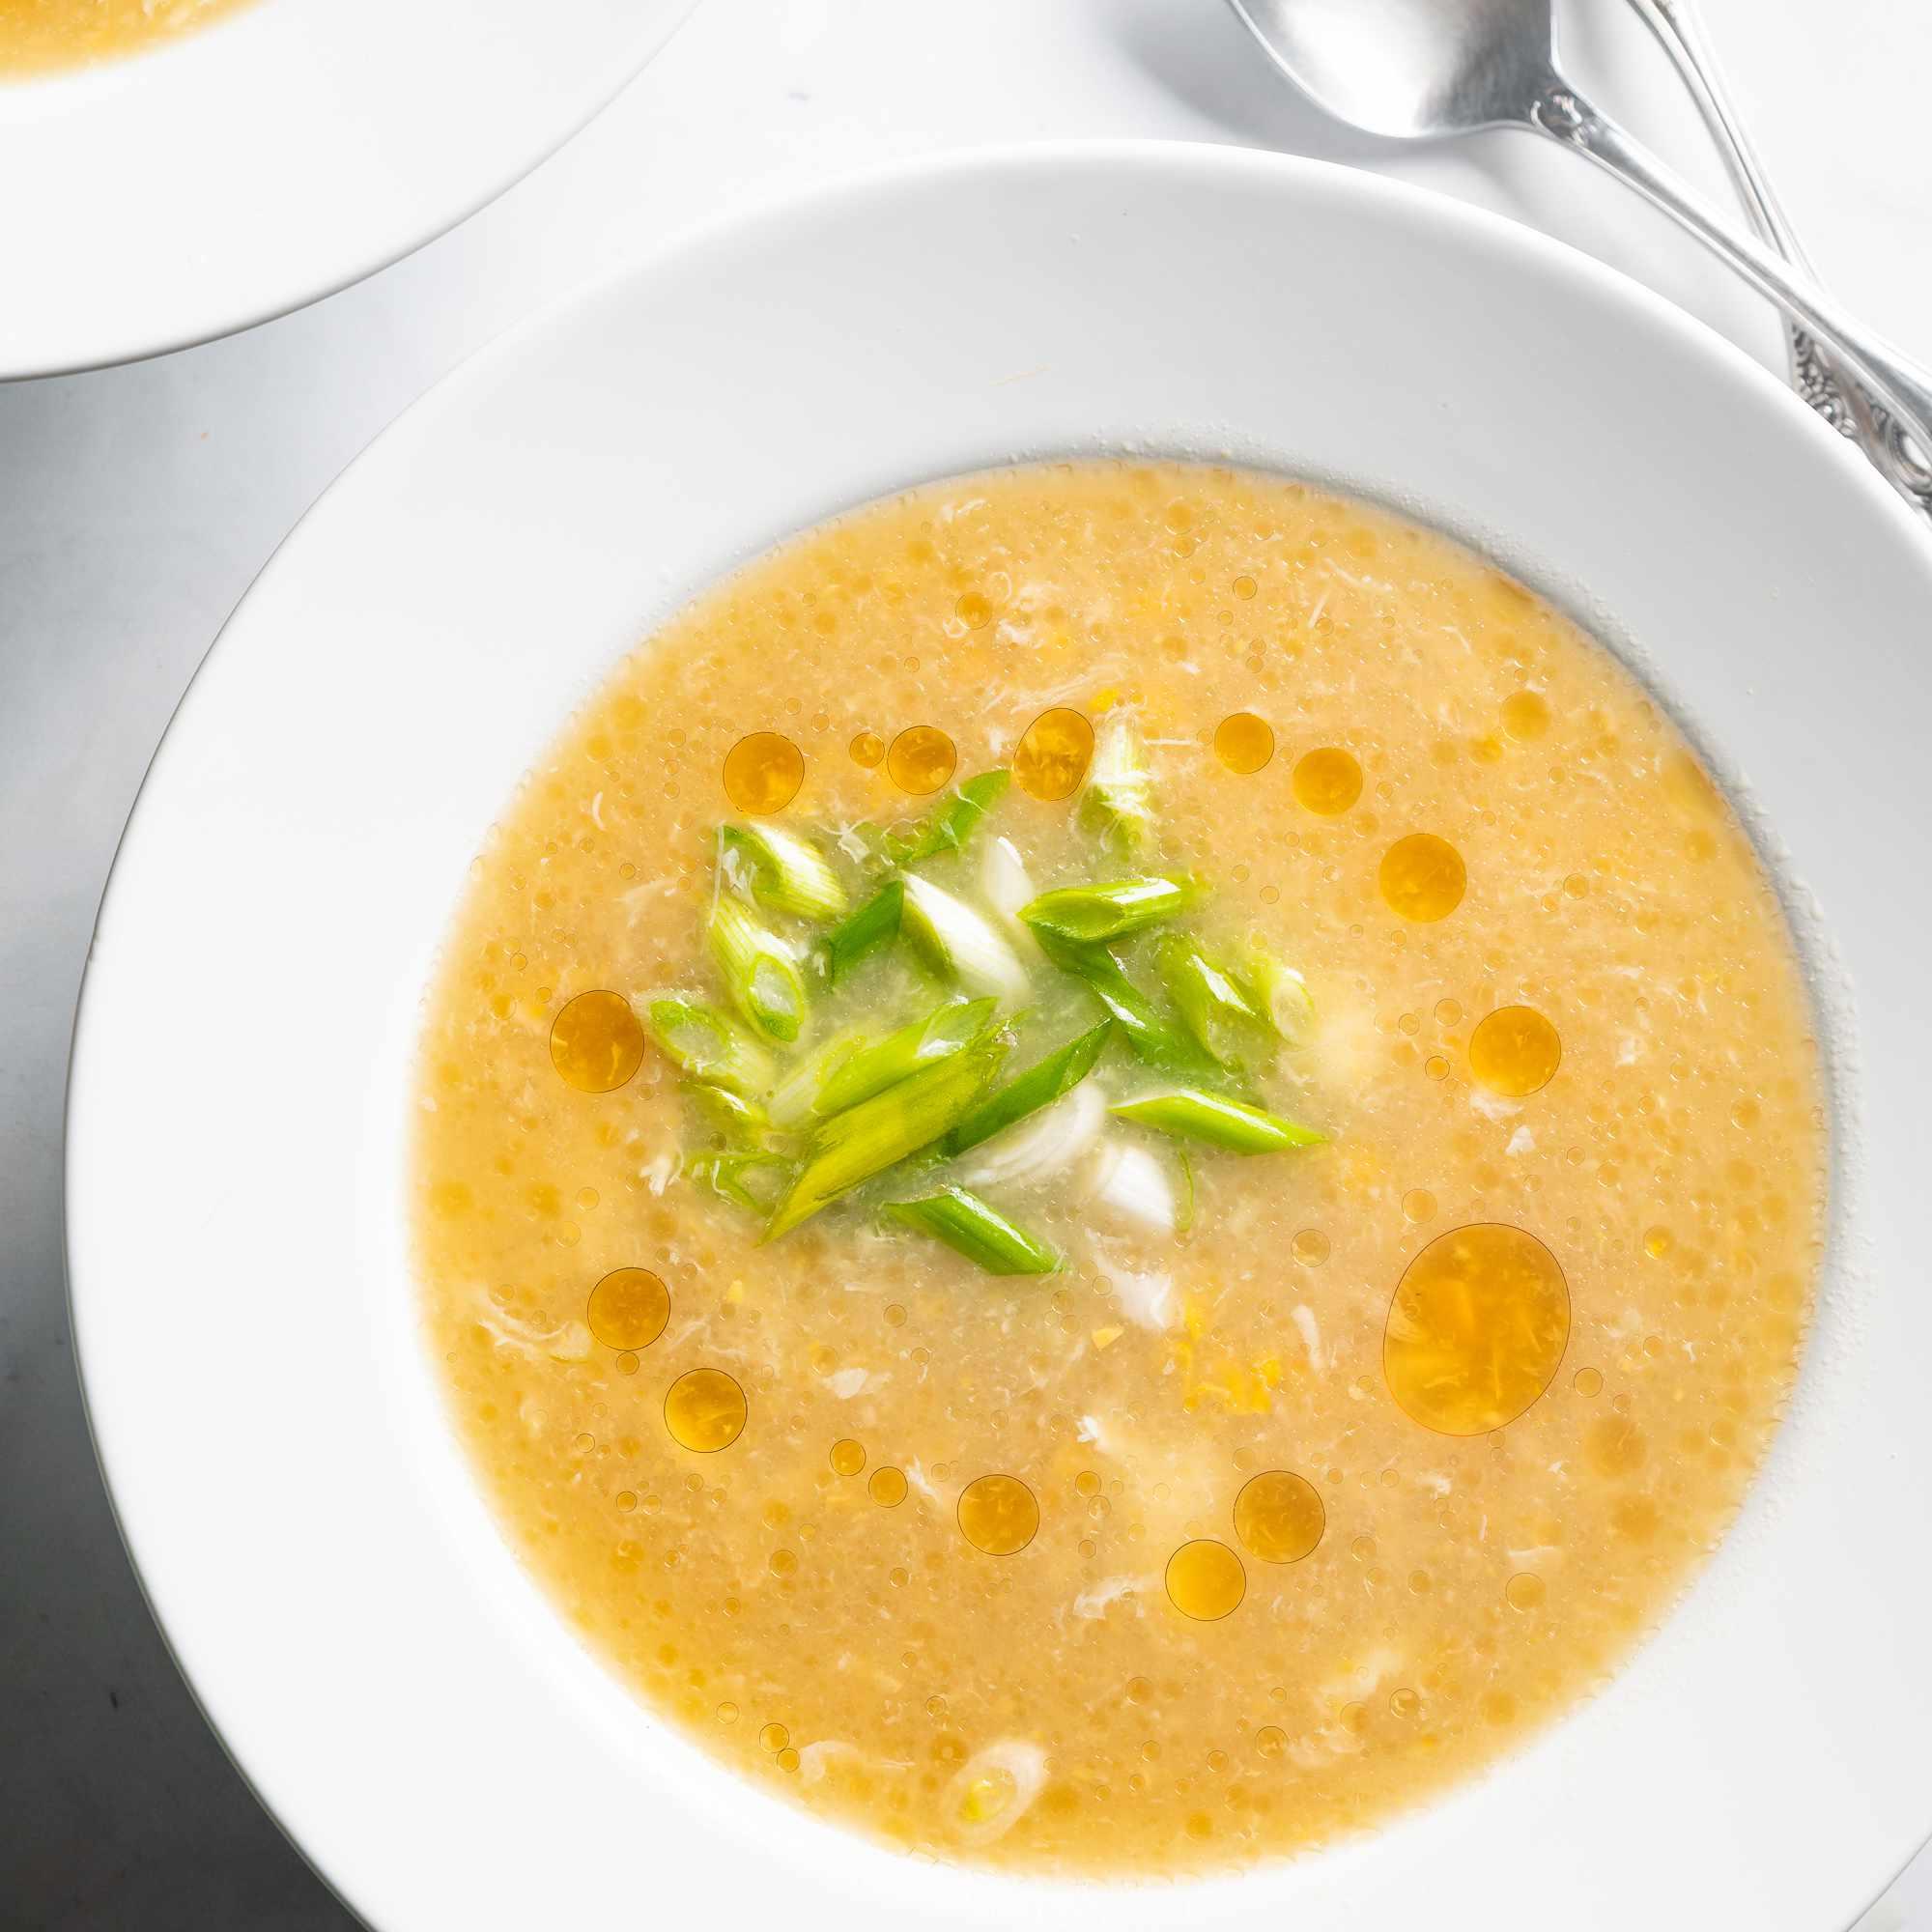 Cantonese Creamed Corn Soup